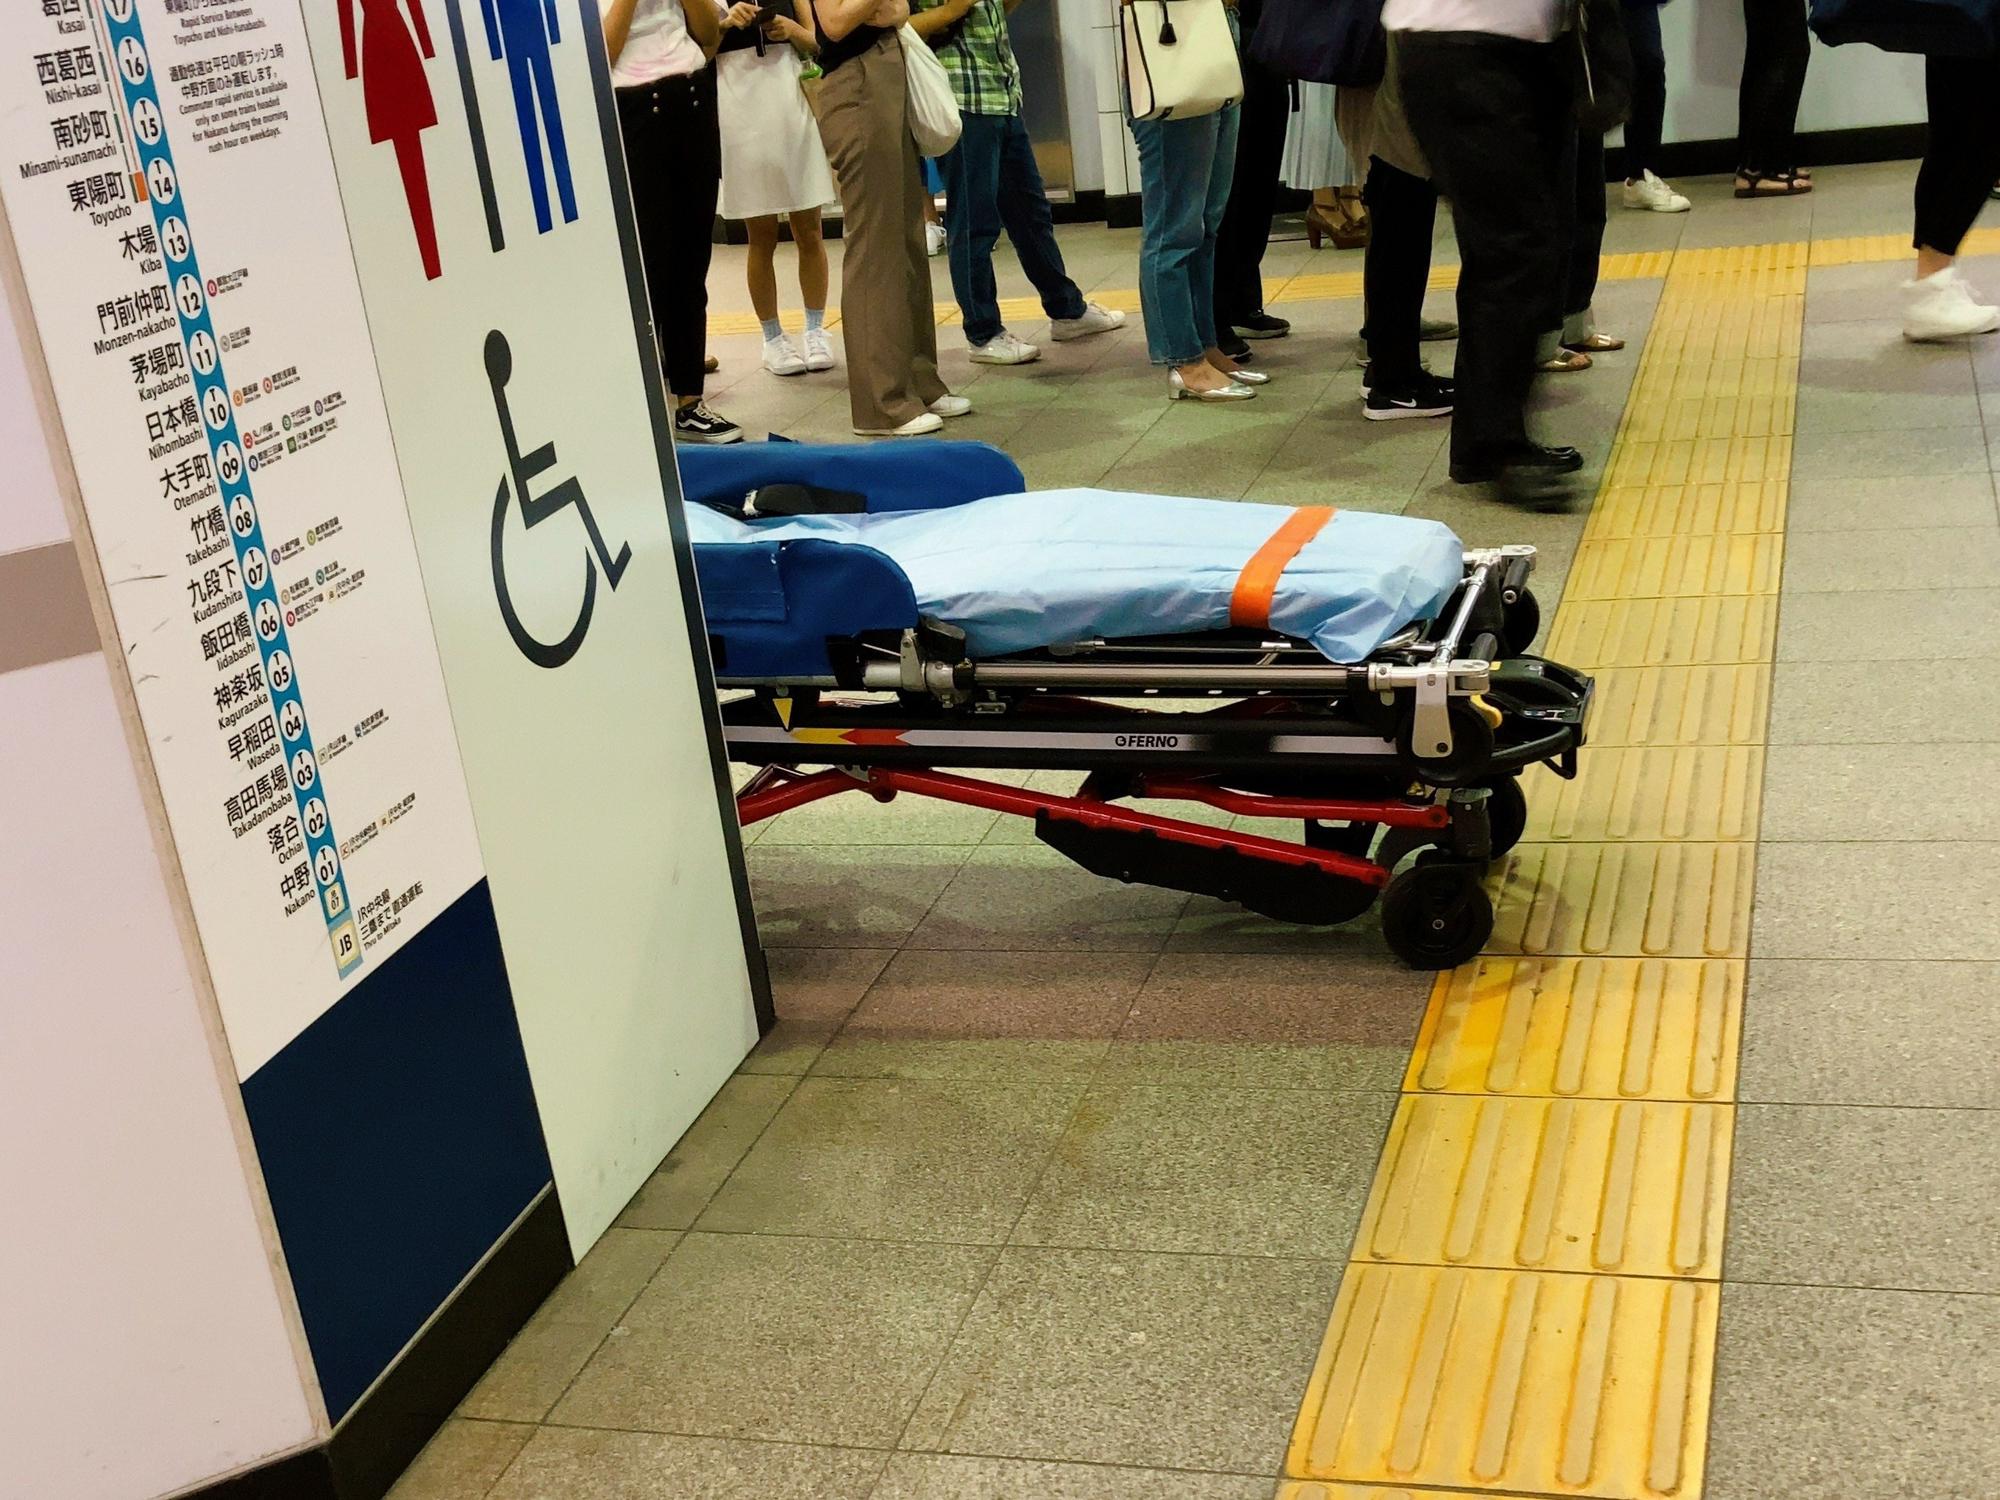 妙典駅の人身事故で搬送している画像